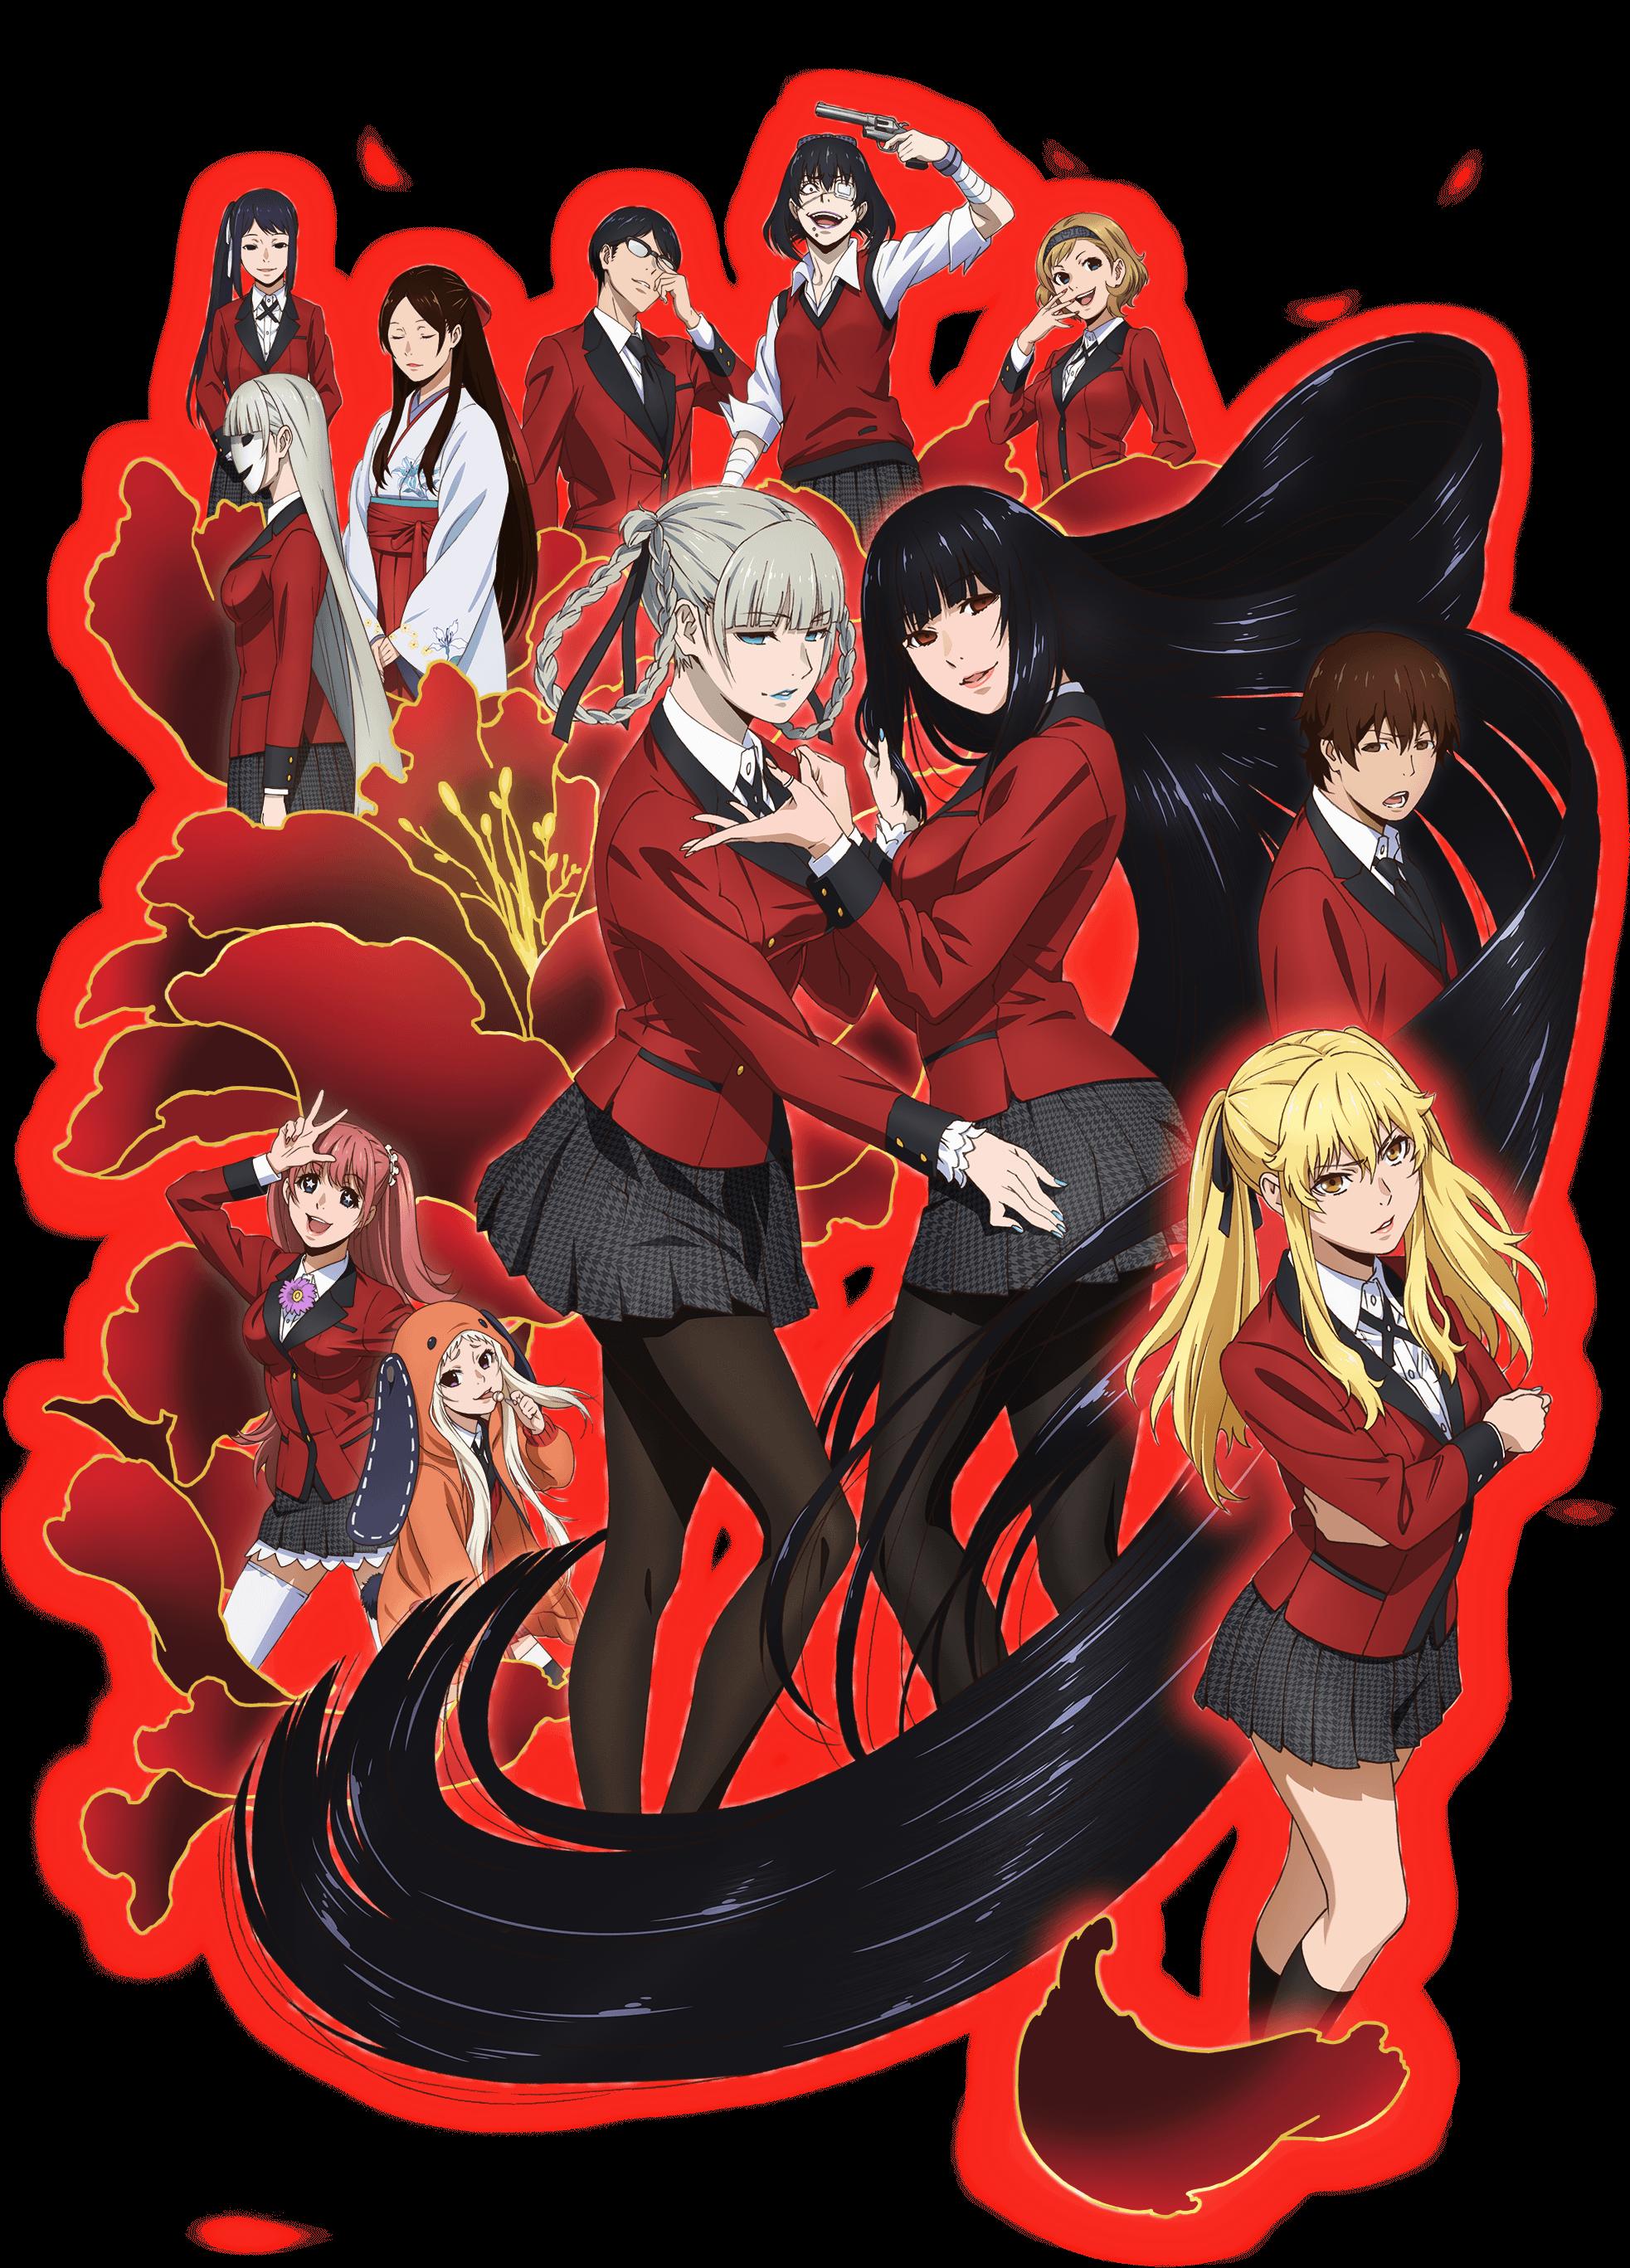 Episodes em 2020 Personagens de anime, Manga anime